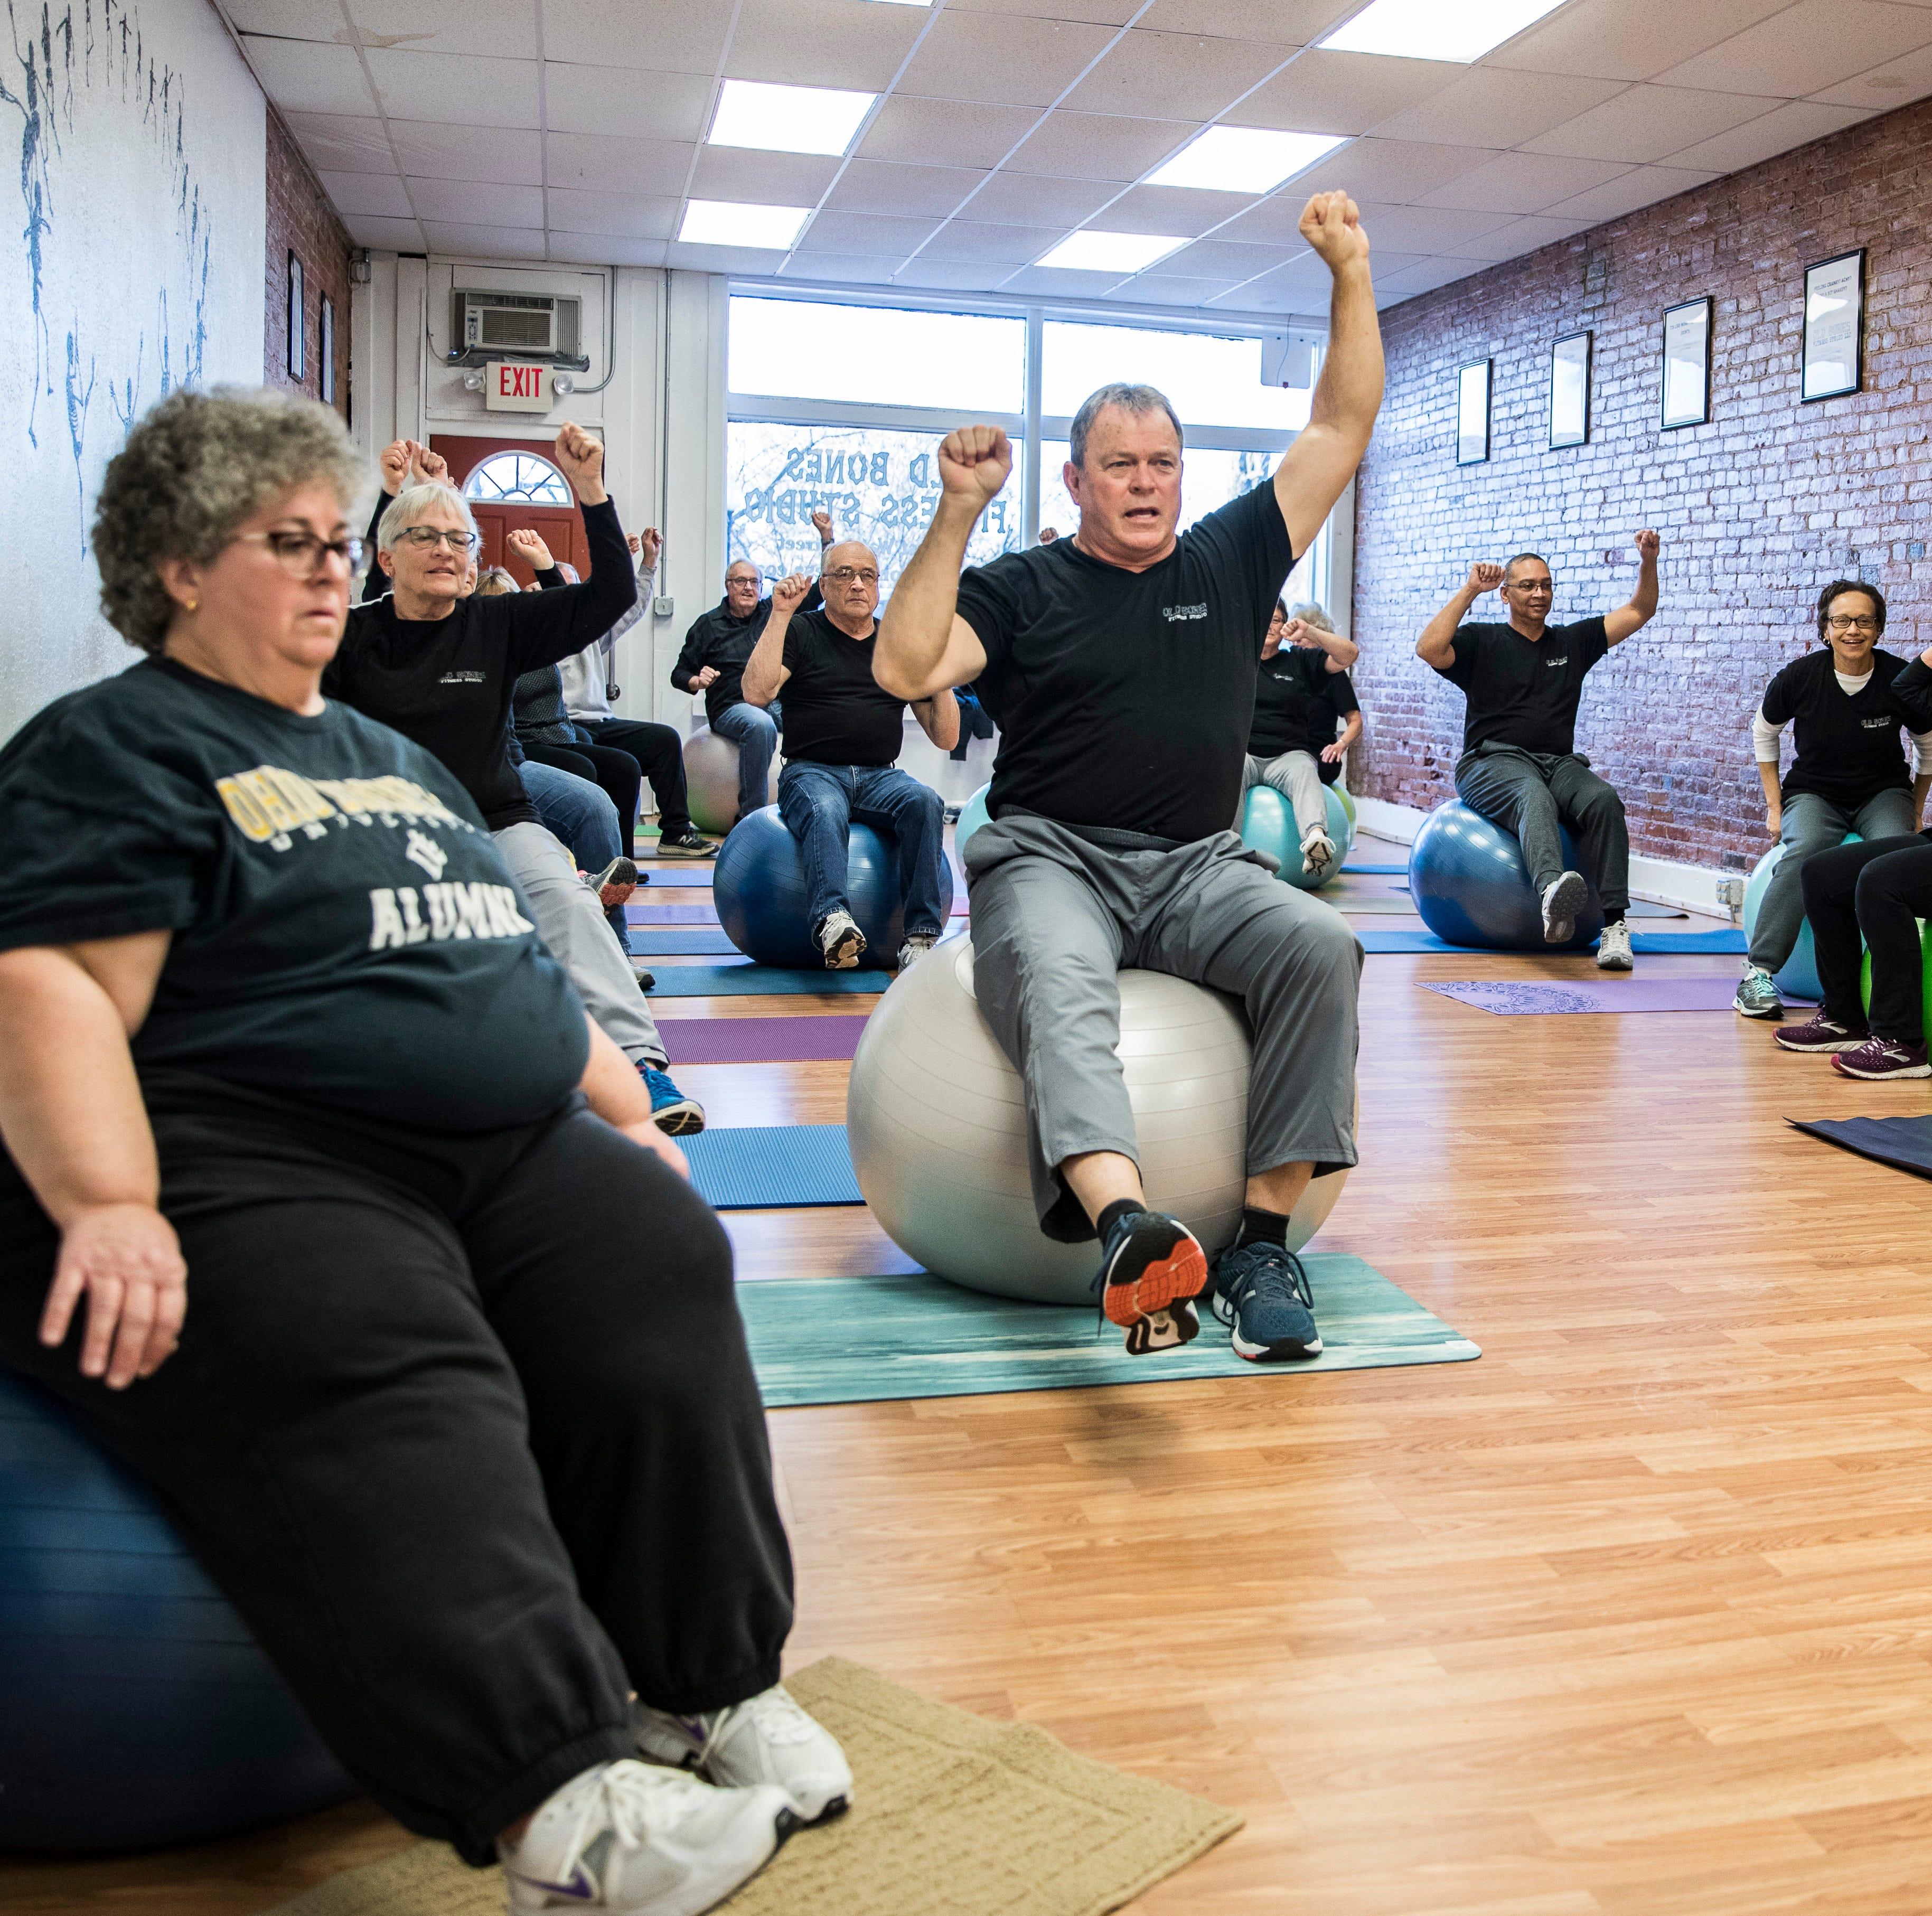 Downtown fitness studio strengthening old bones